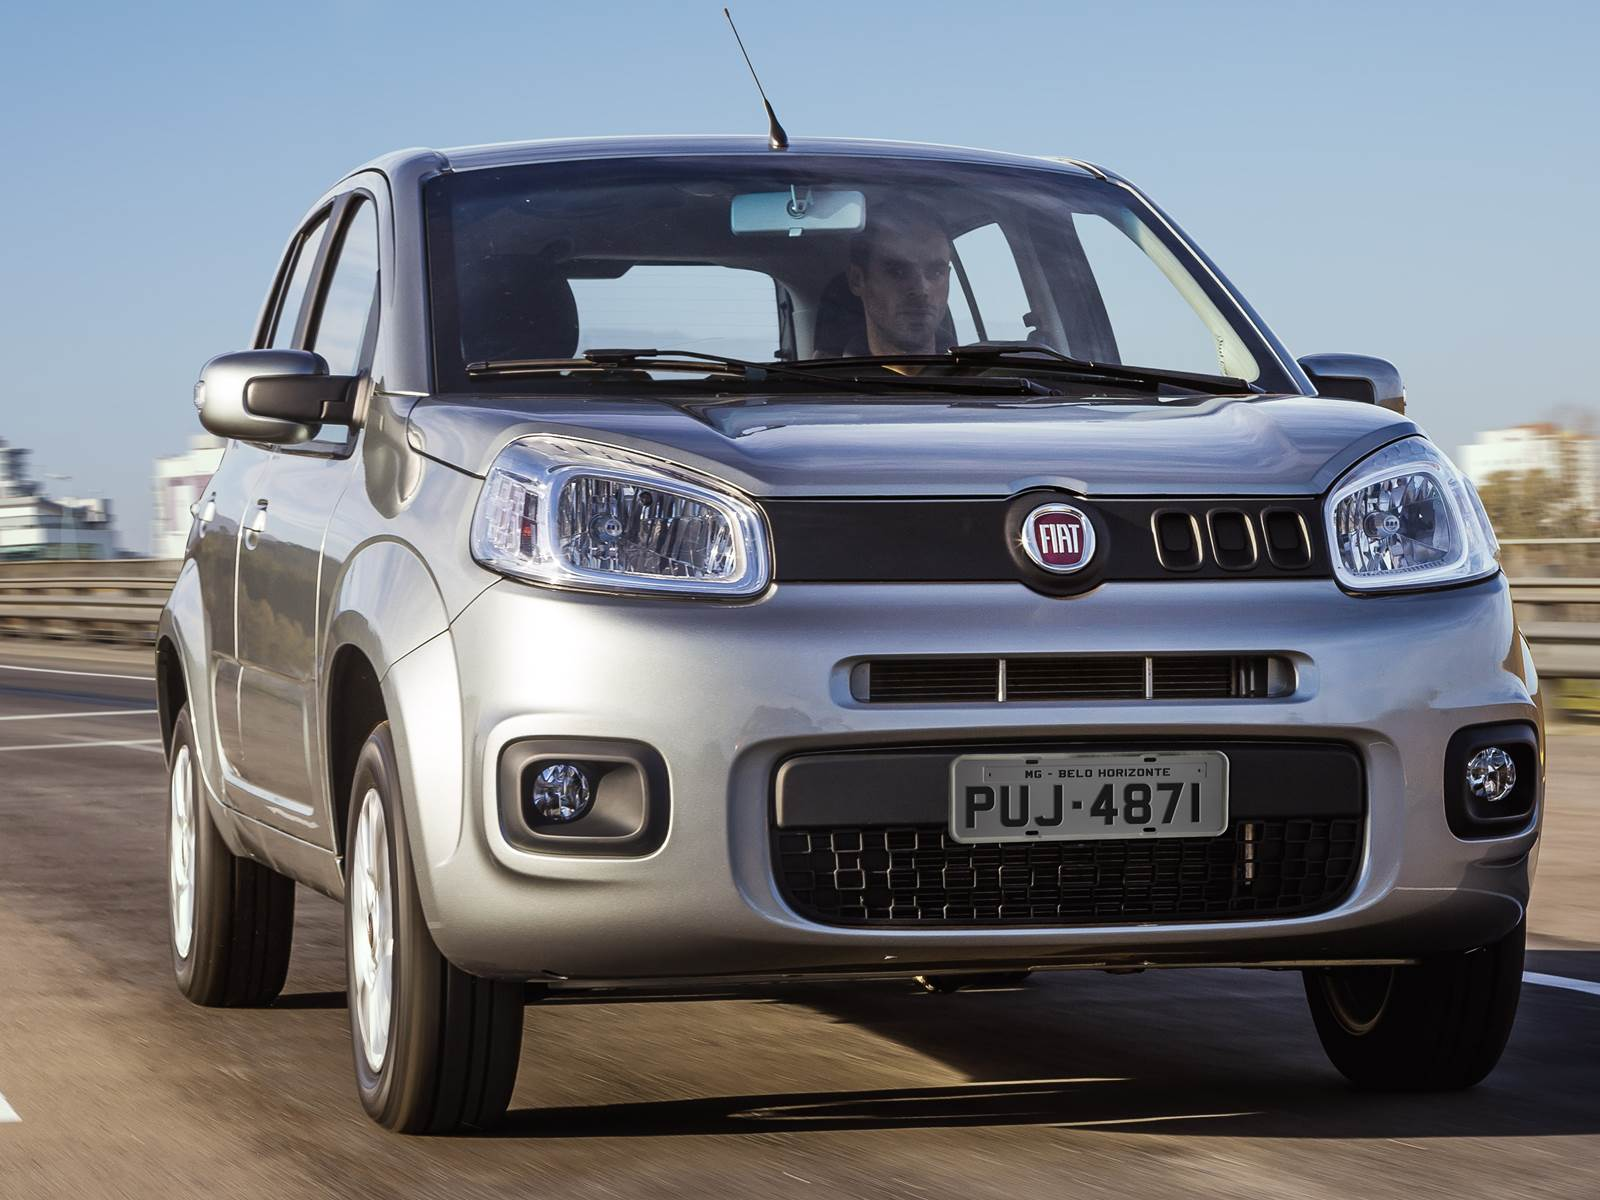 Fiat Uno - 6º carro mais vendido - Pessoas Físicas